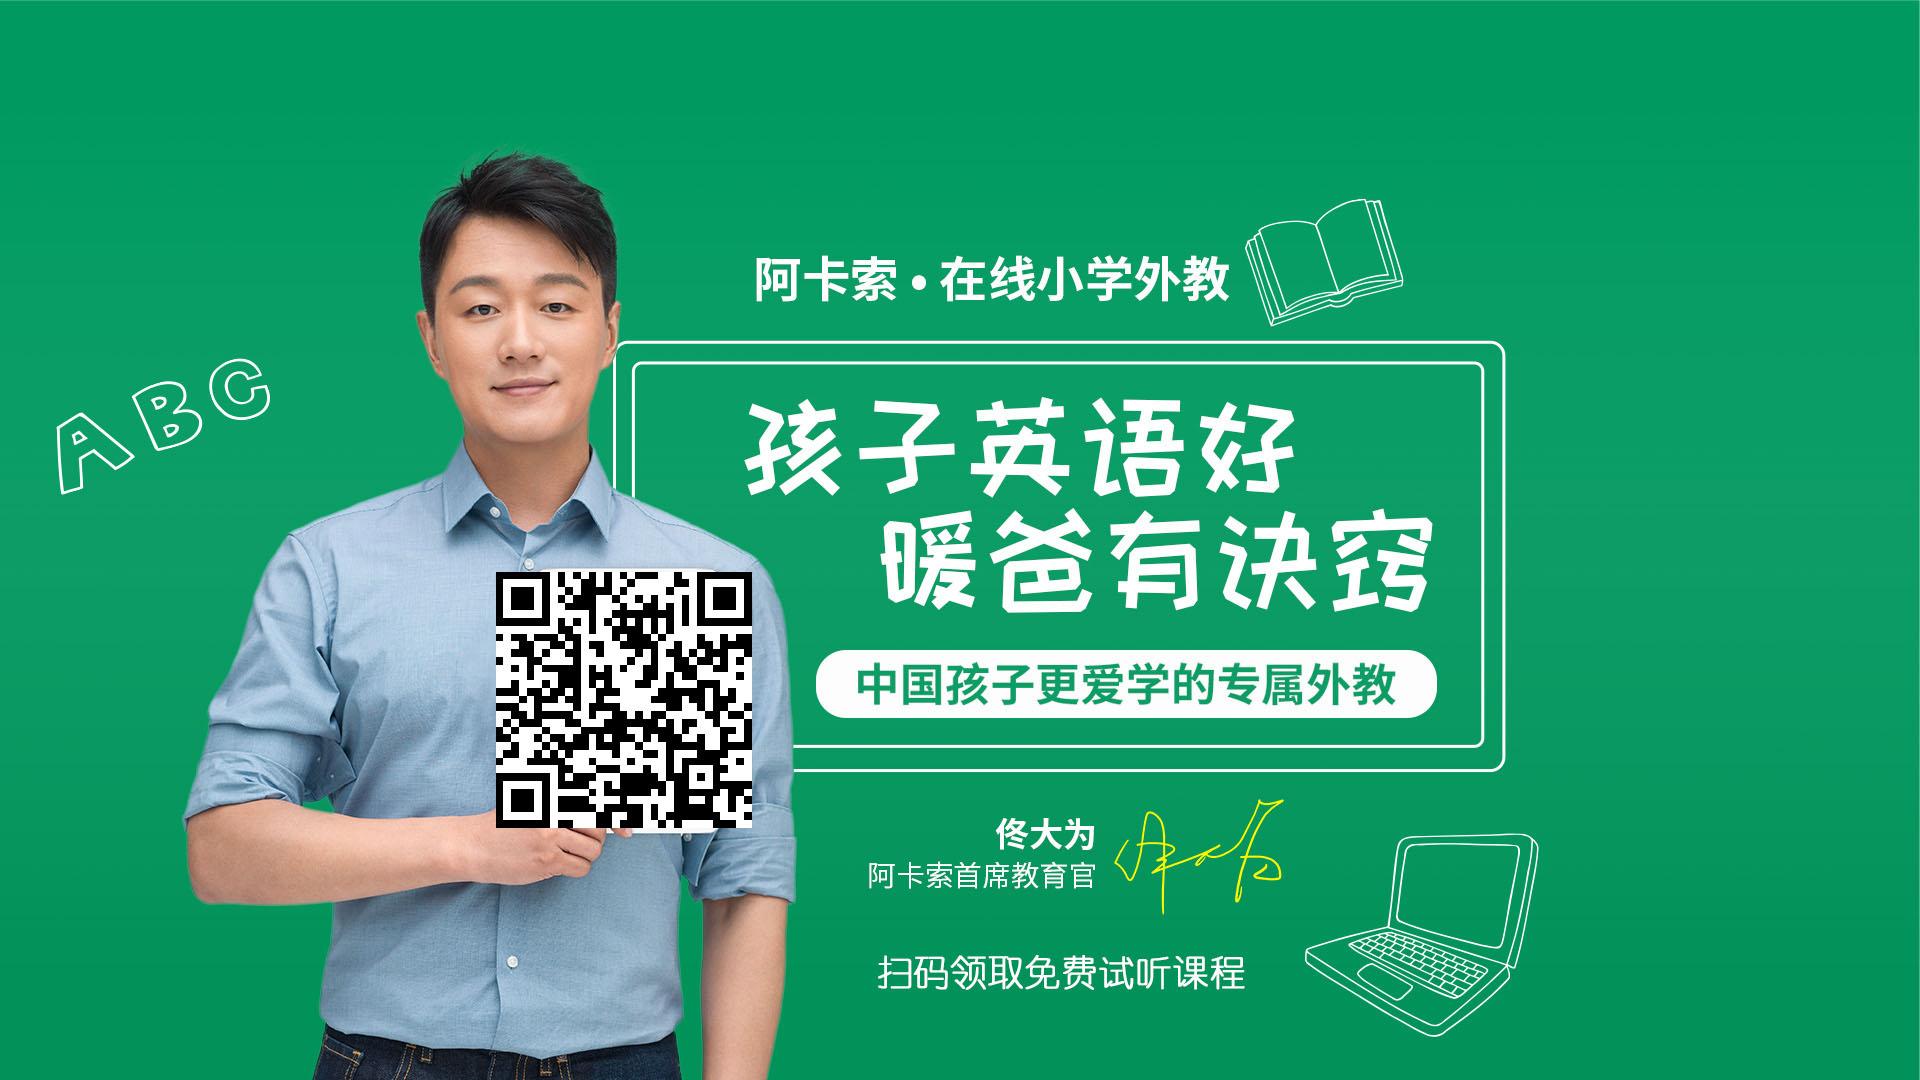 免费英语学习网站大全分享,免费的英语学习网站有效果吗?